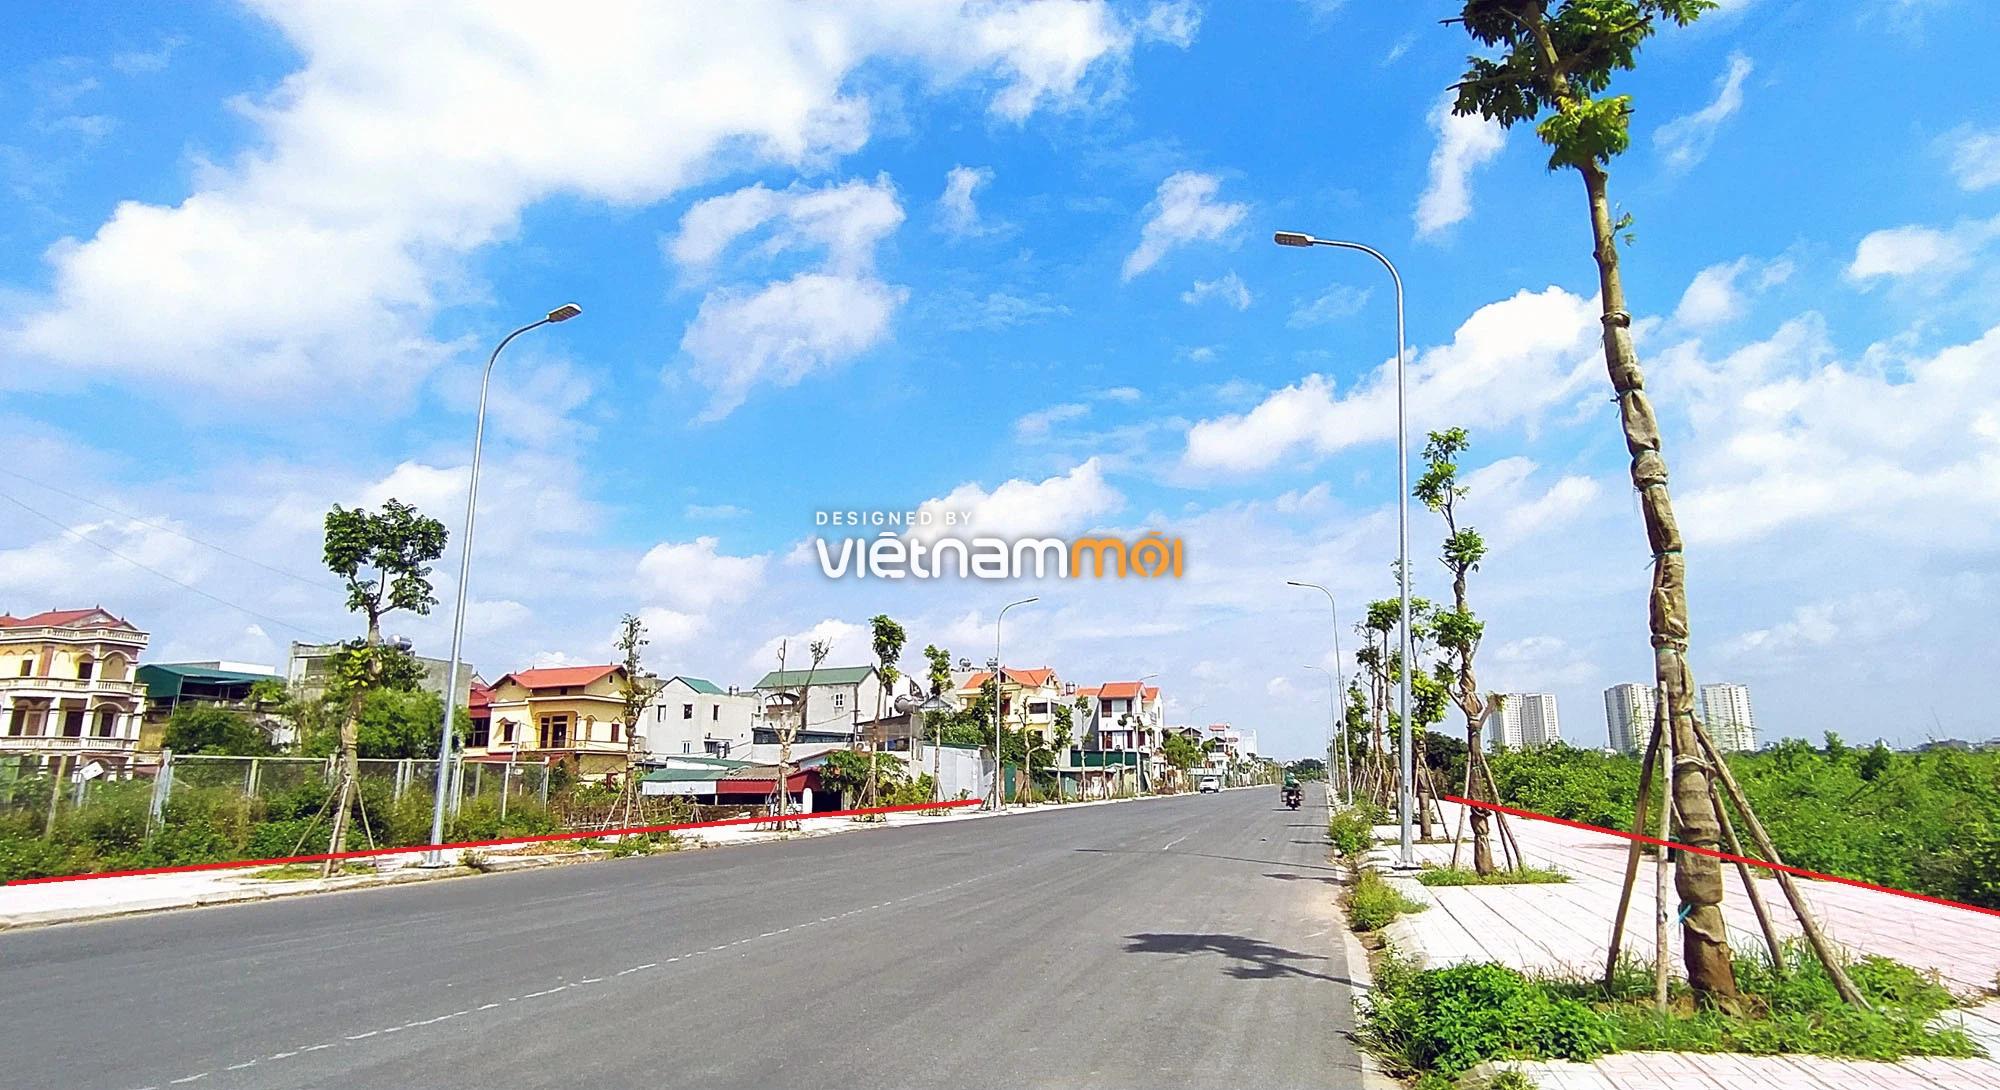 Toàn cảnh đường nối Bát Khối - QL1A đang mở theo quy hoạch ở quận Long Biên, Hà Nội - Ảnh 5.